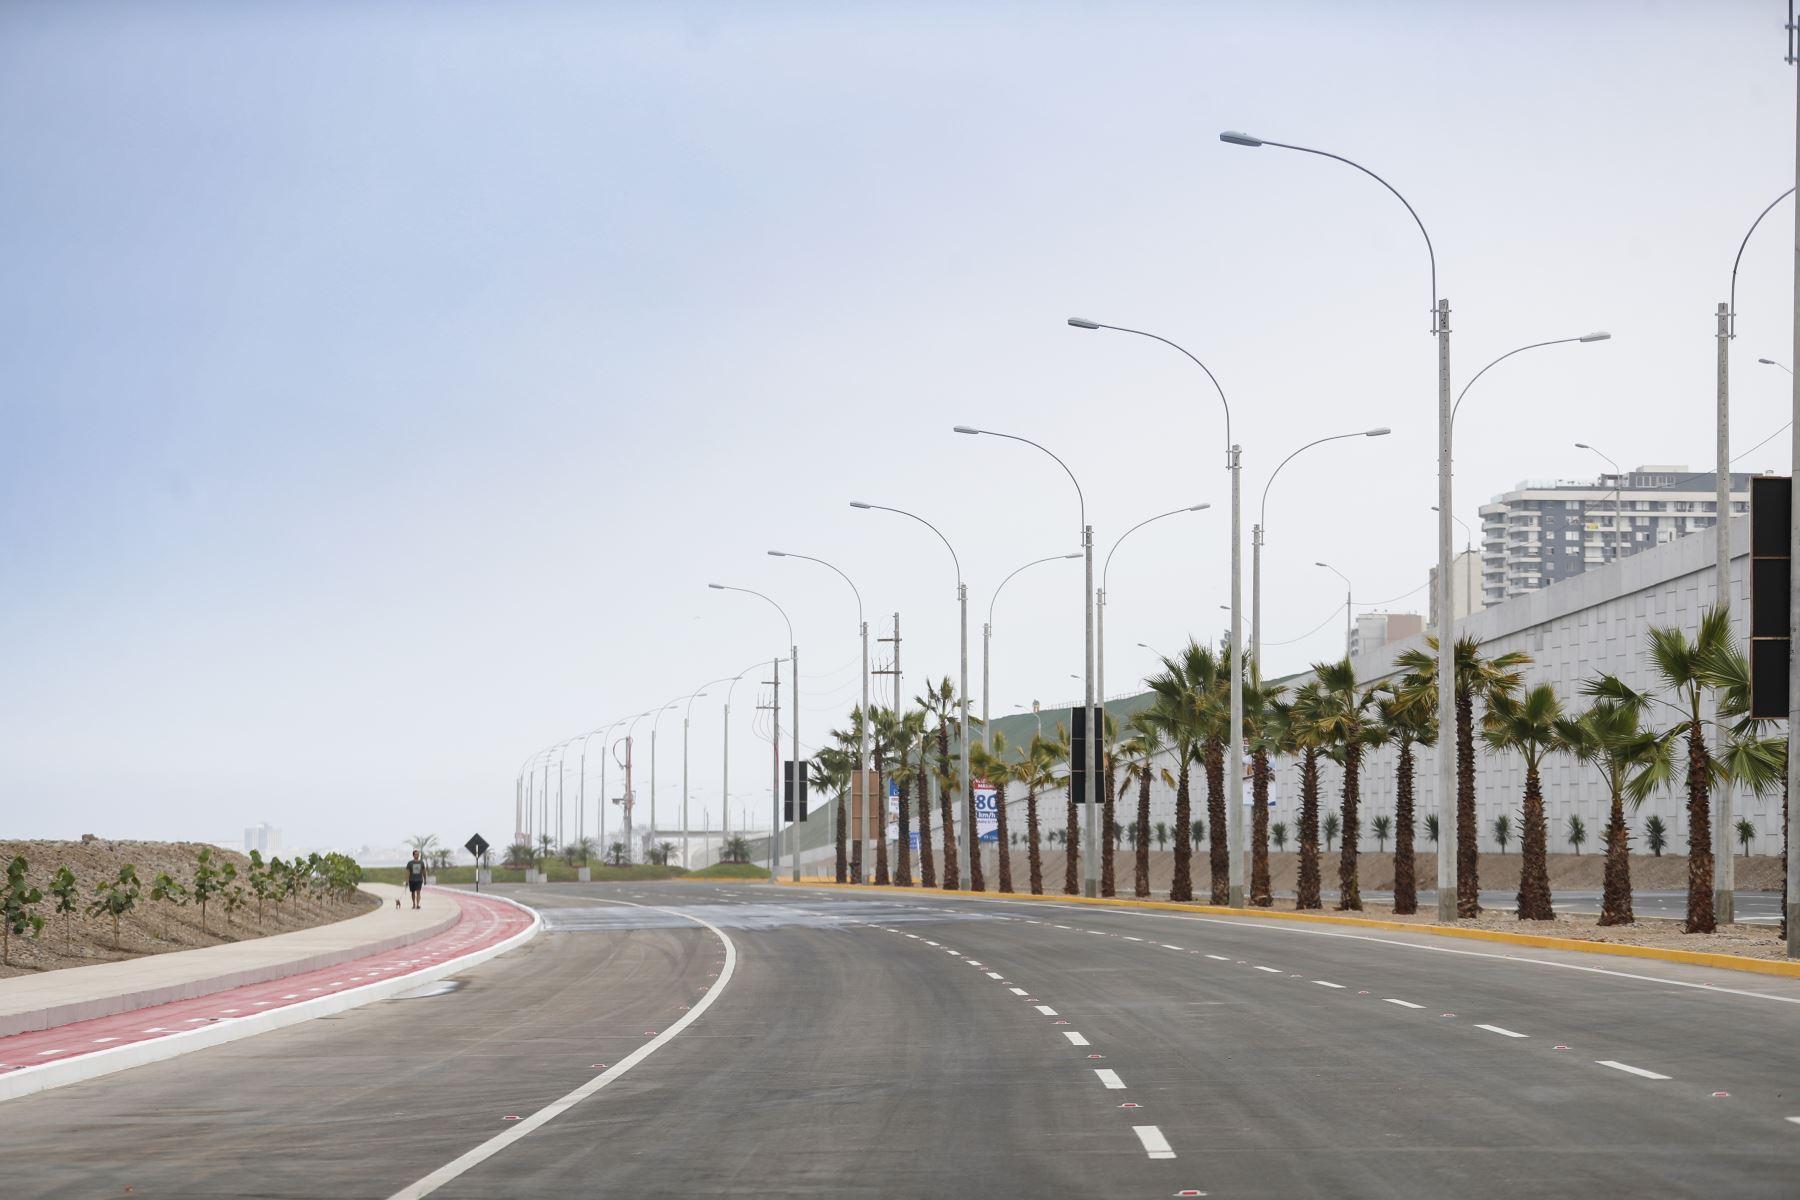 El alcalde de Lima, Jorge Muñoz, entregó esta mañana la gran obra vía Costa Verde, tramo av. Rafael Escardó - jr. Virú, infraestructura de 2.97 km de extensión que beneficiará a más de un millón de vecinos. Foto: ANDINA/Difusión